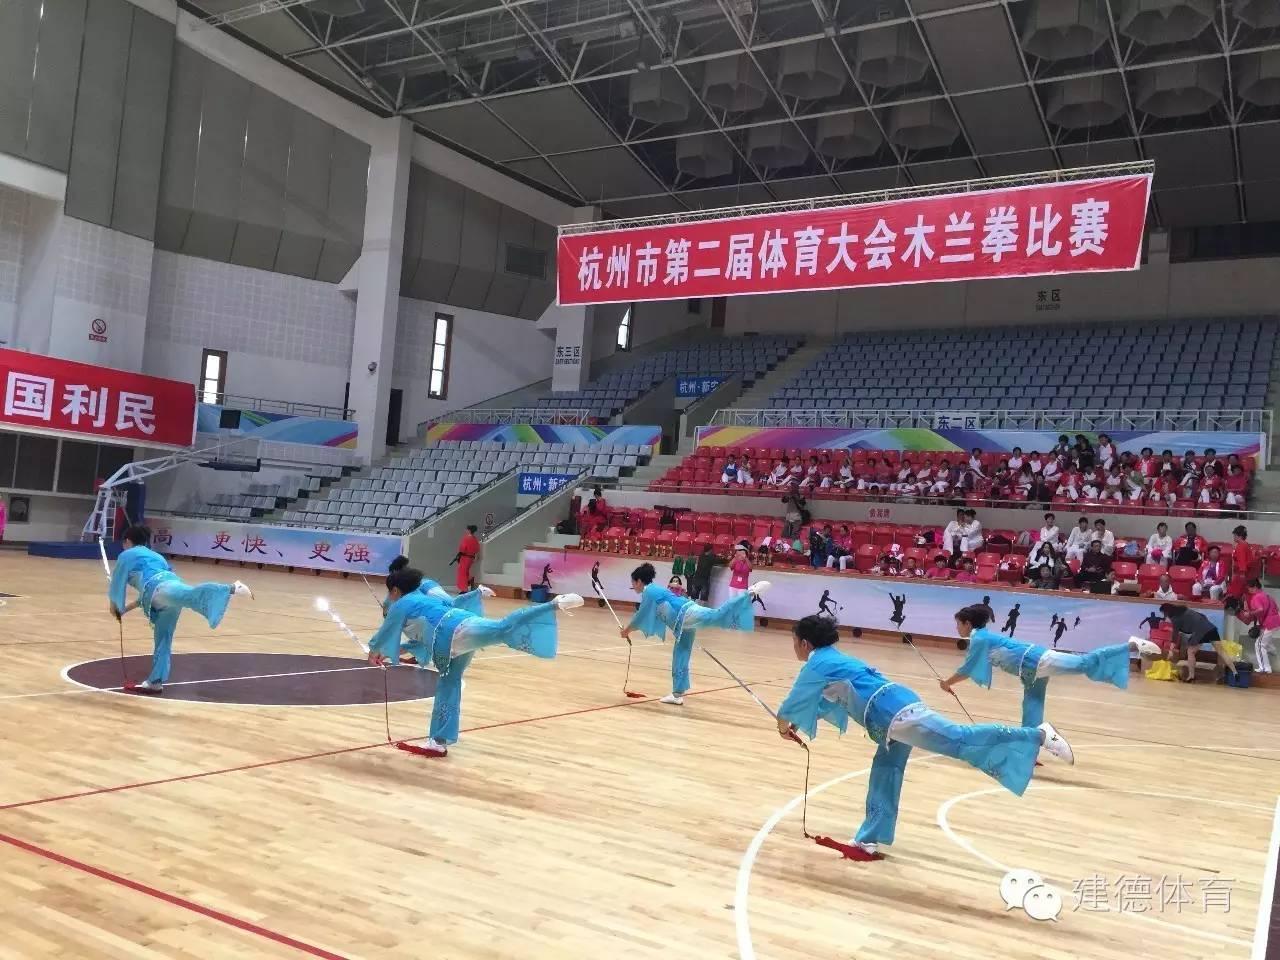 建德木兰在杭州市第二届场地大木兰拳比赛收跆拳道八角形比赛体育的论文图片